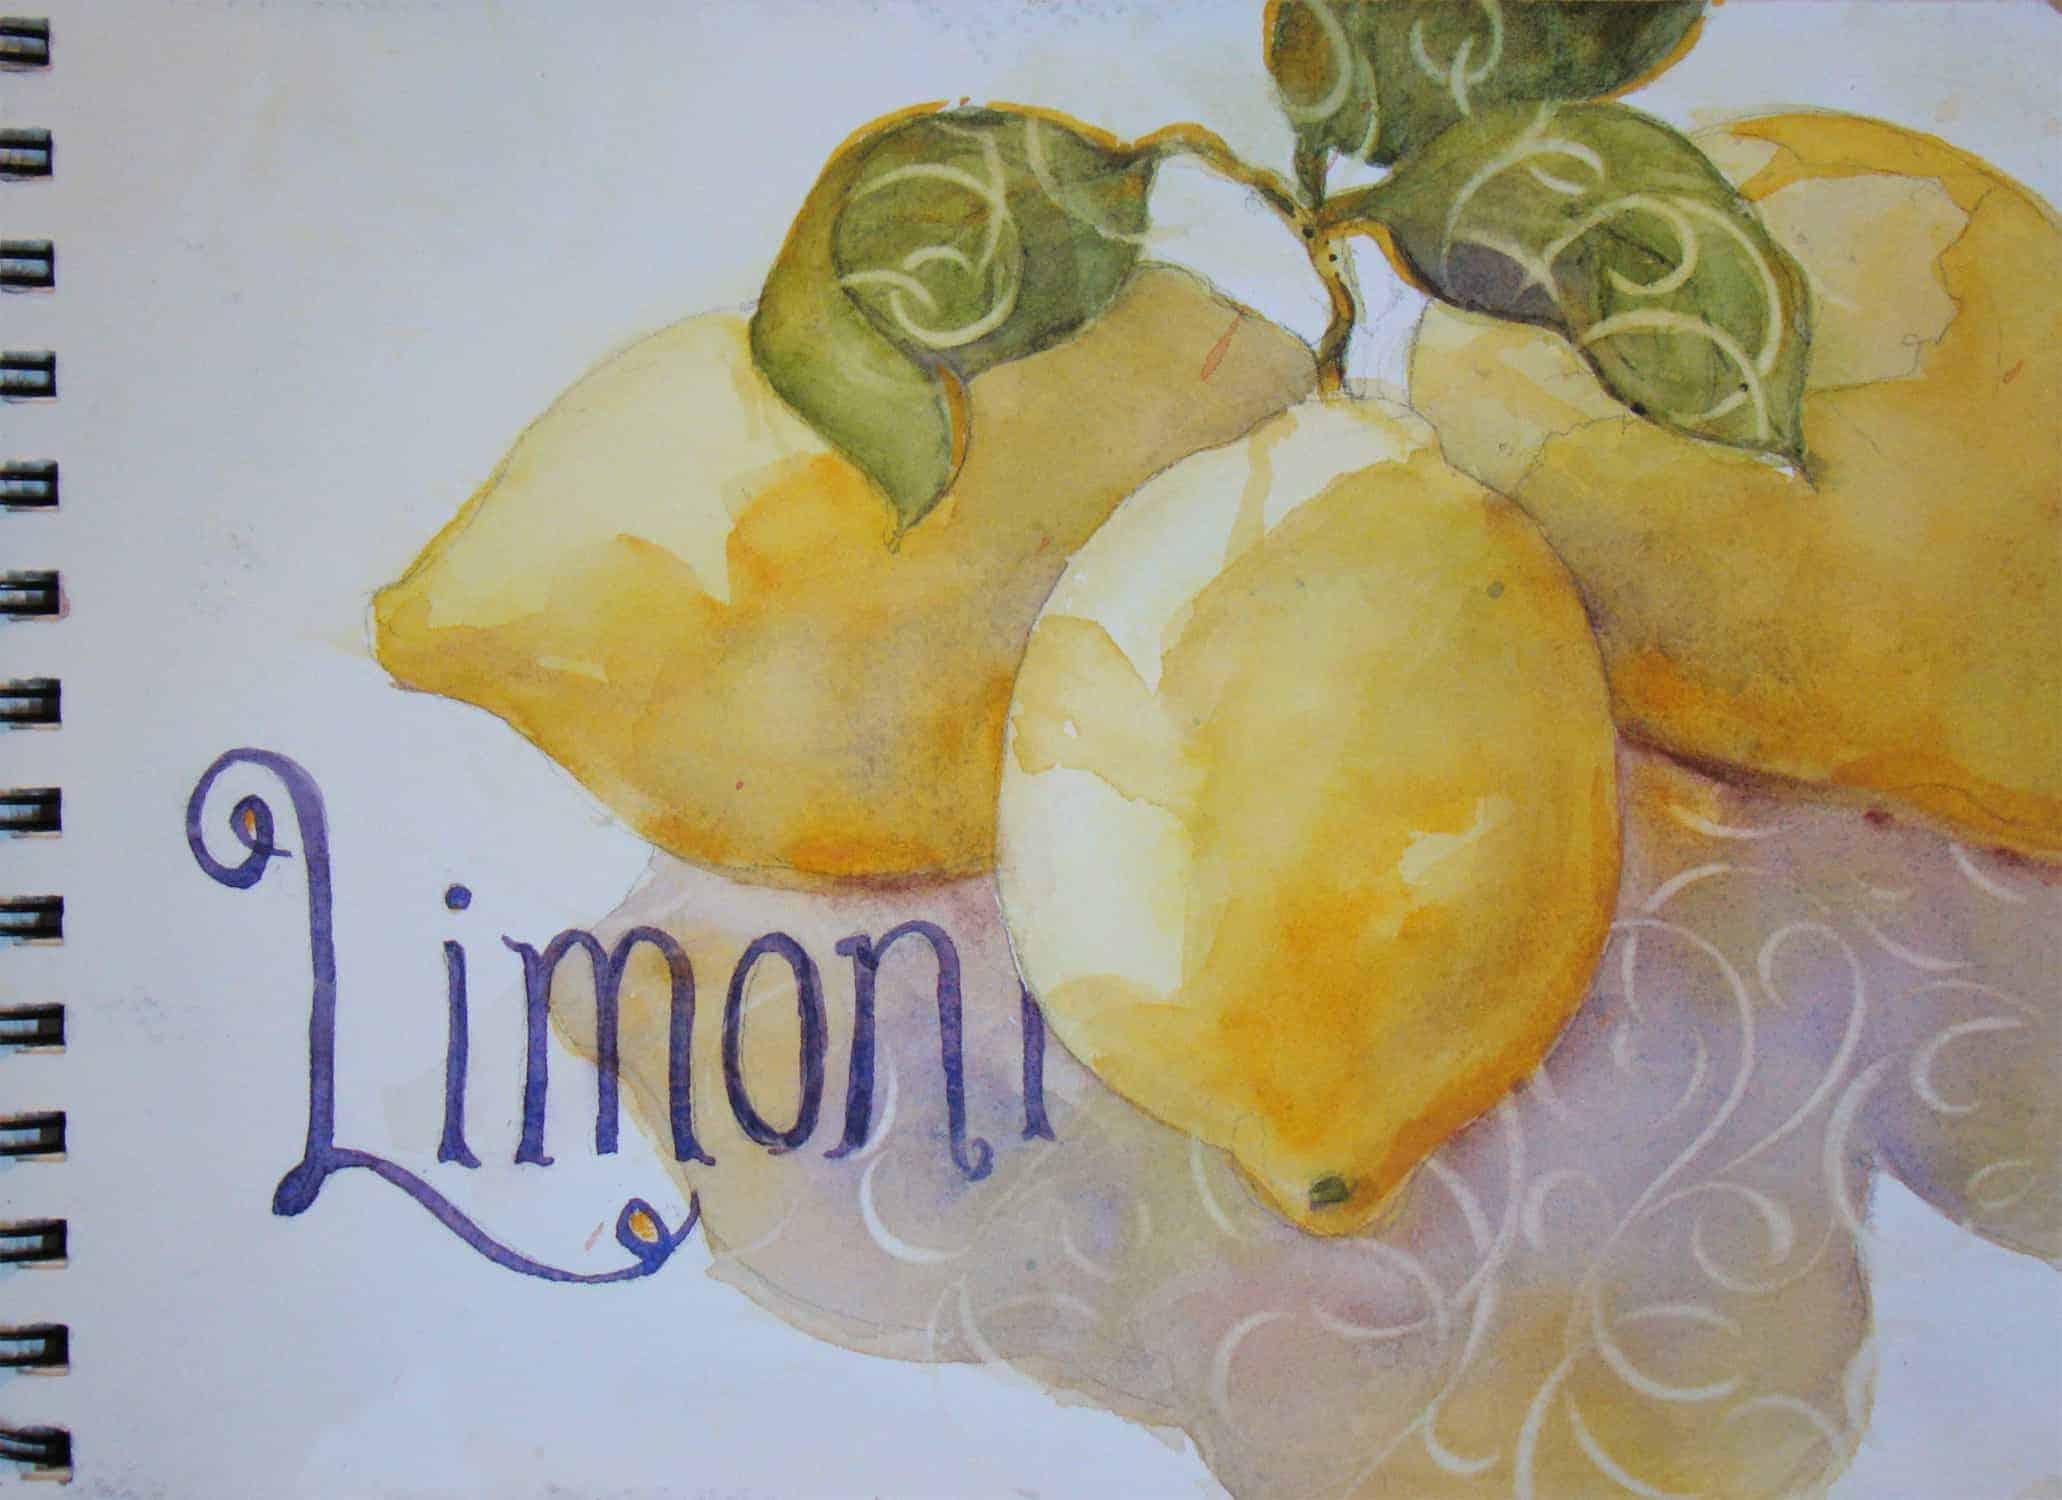 Limoni, Limoni